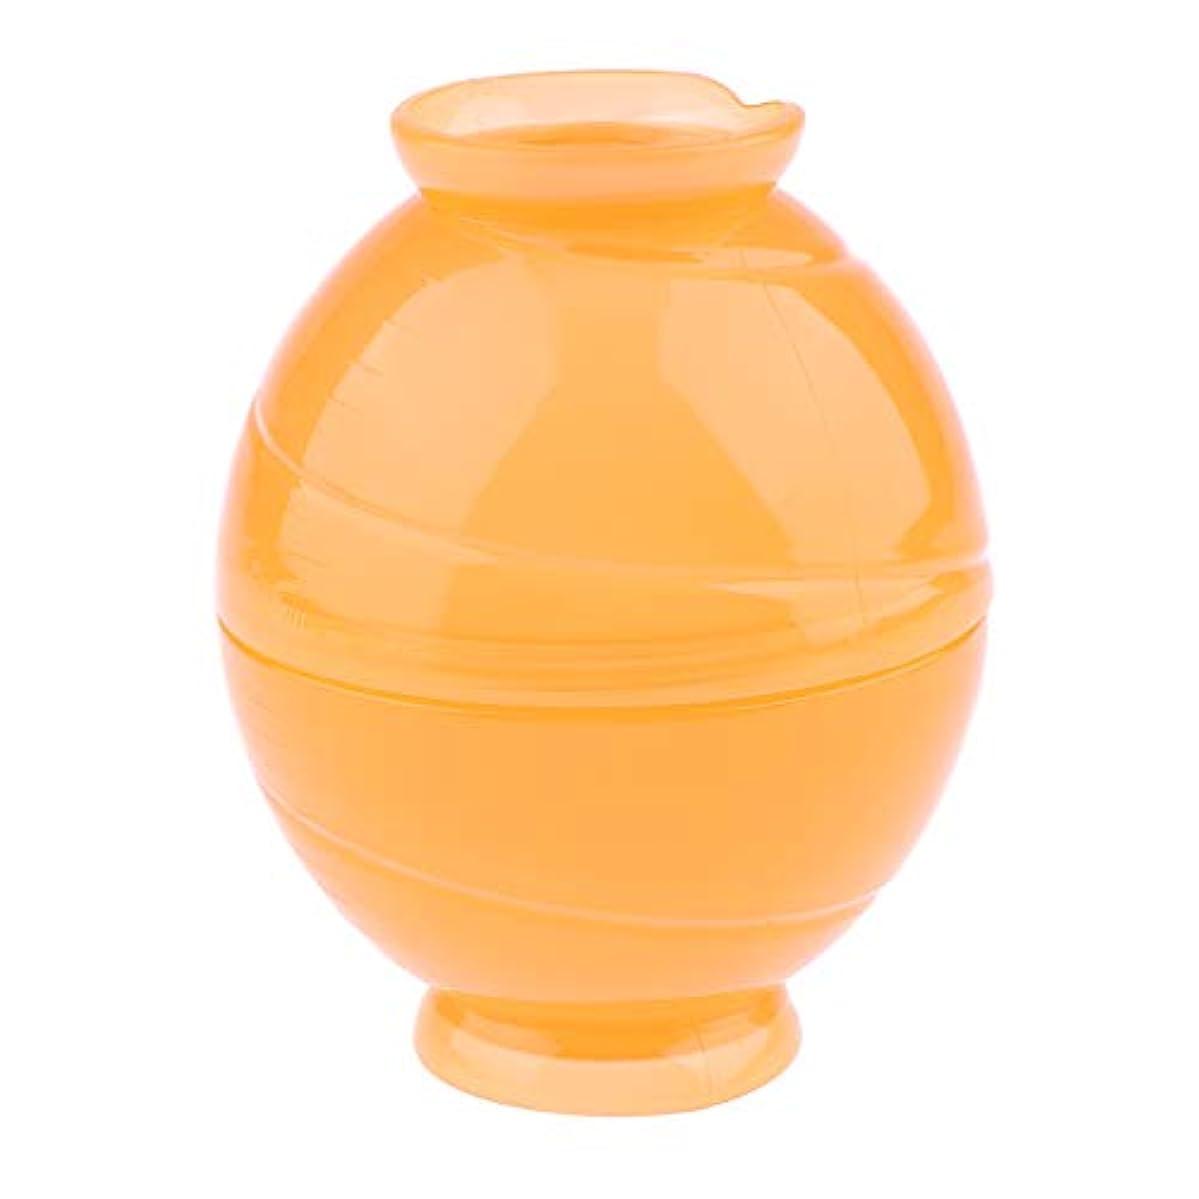 美人エンコミウム動機全3色 サロンボウル ヘアカラー用 ミキシングボトル キャンディー形状 - オレンジ